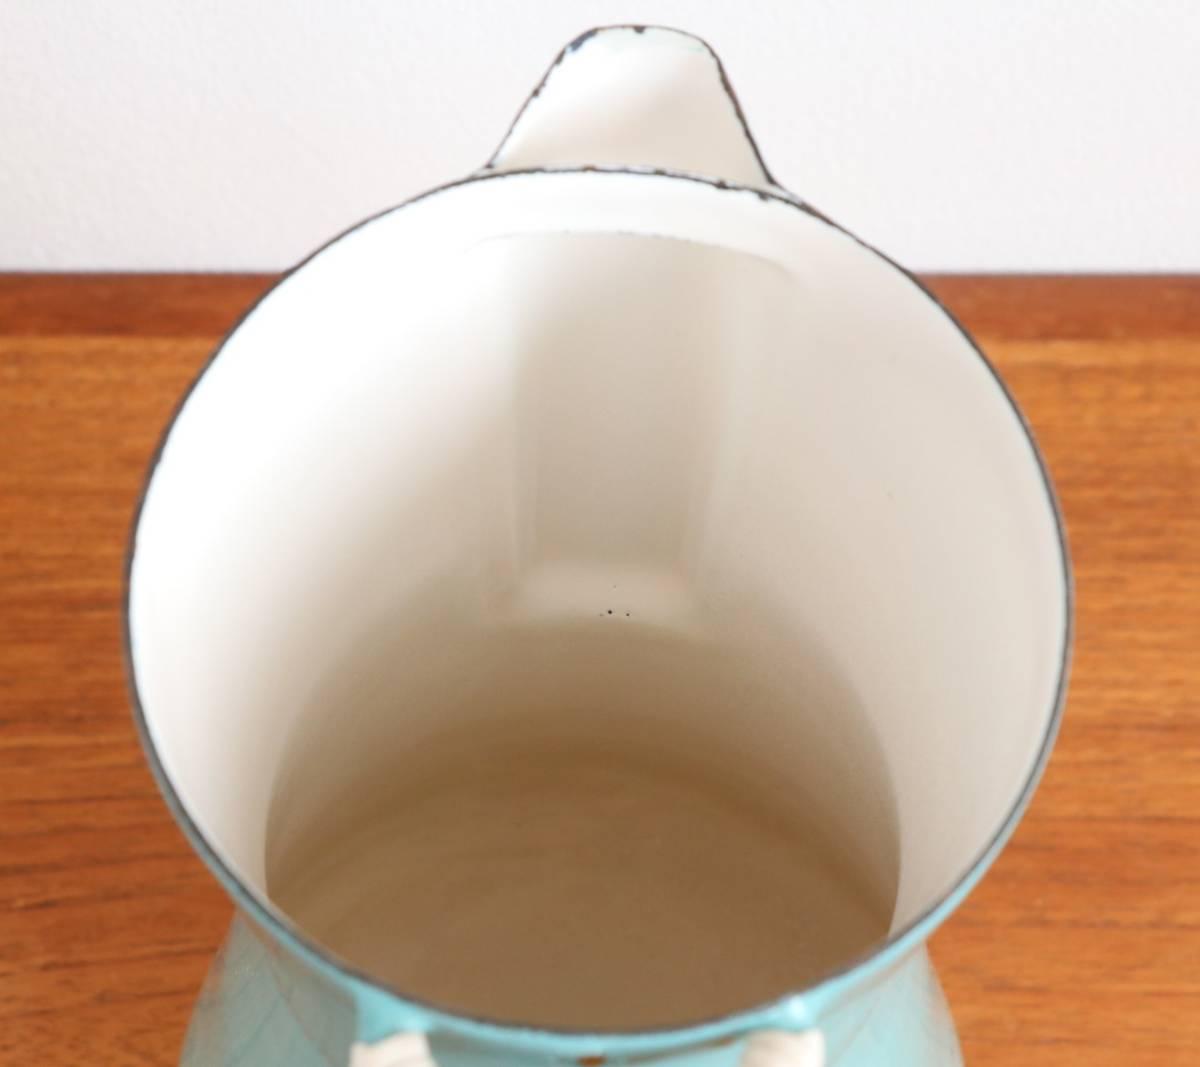 ダンスク DANSK KOBENSTYLE コーヒーポット Jens H Quistgaard イェンス クイストゴー コベンスタイル 琺瑯 (検)フィネル FINEL_画像6